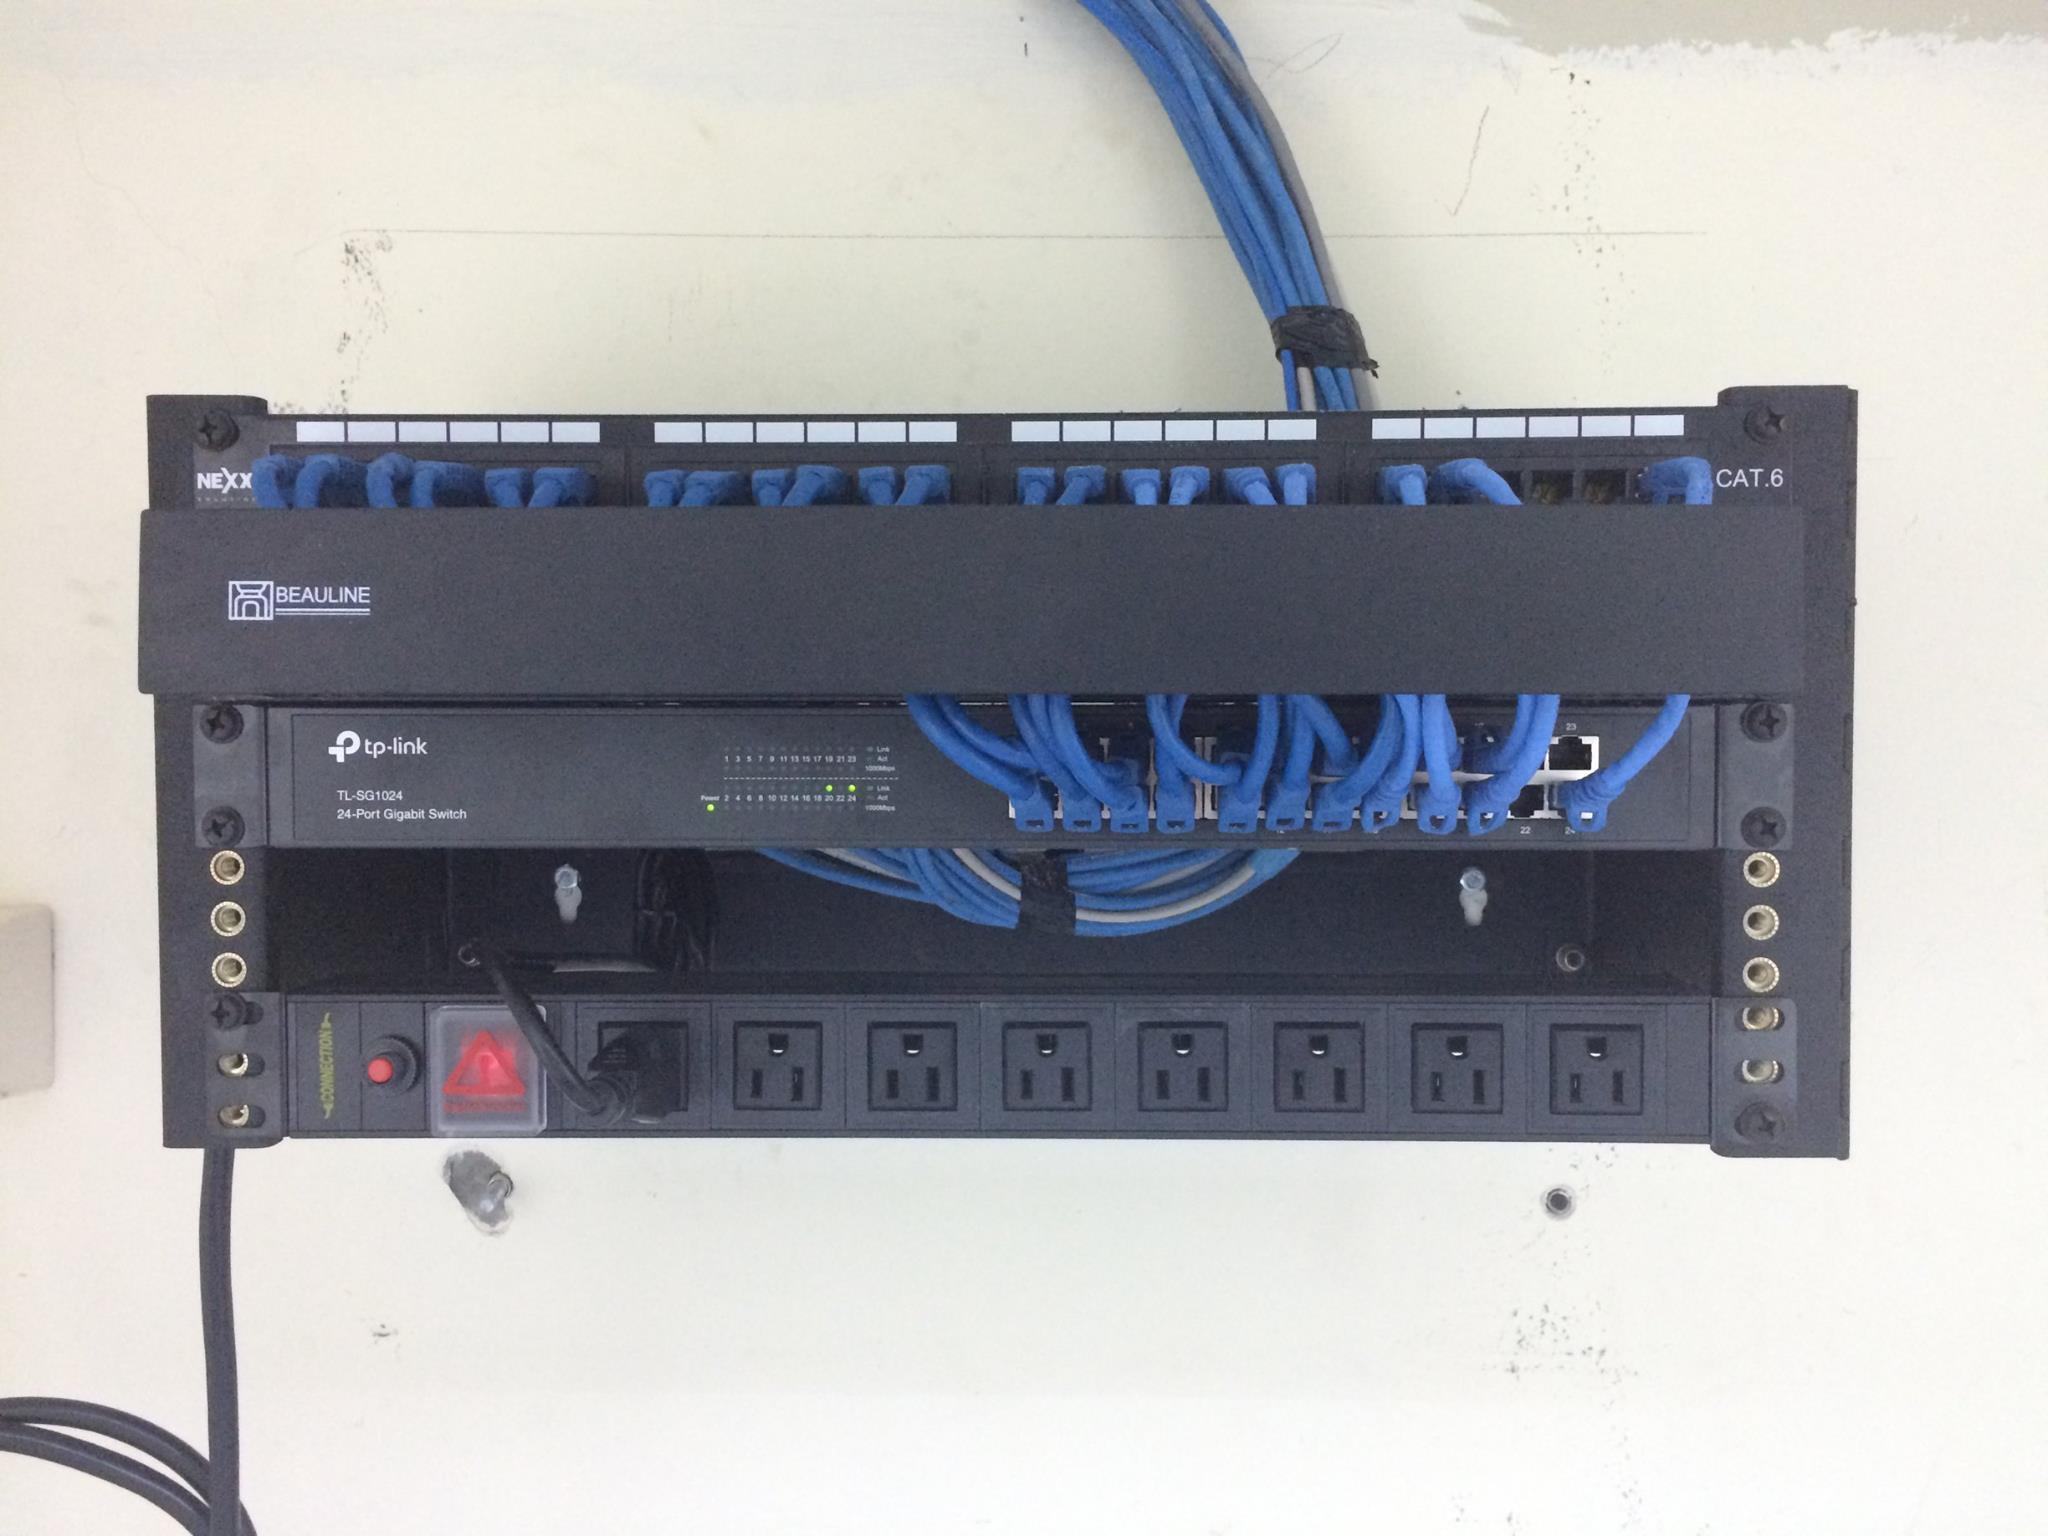 Soporte aéreo de 5 UR para cableado estructurado de redes LAN